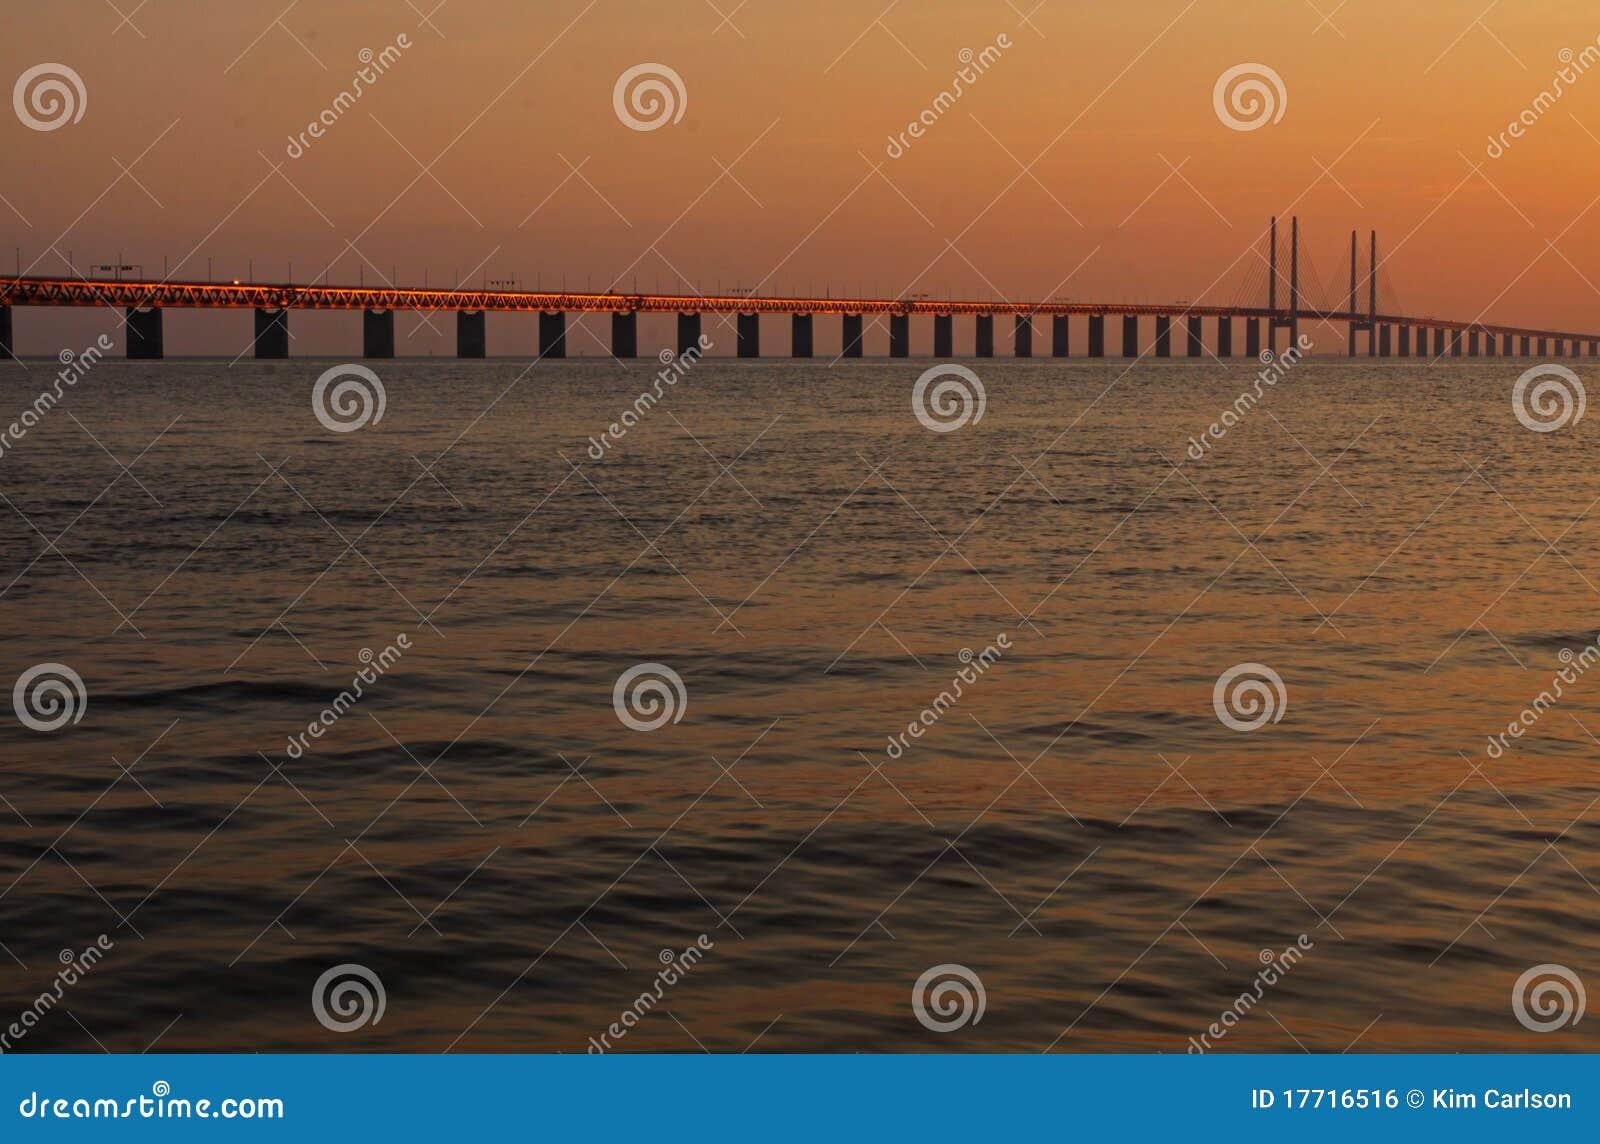 Bridge between Denmark and Sweden